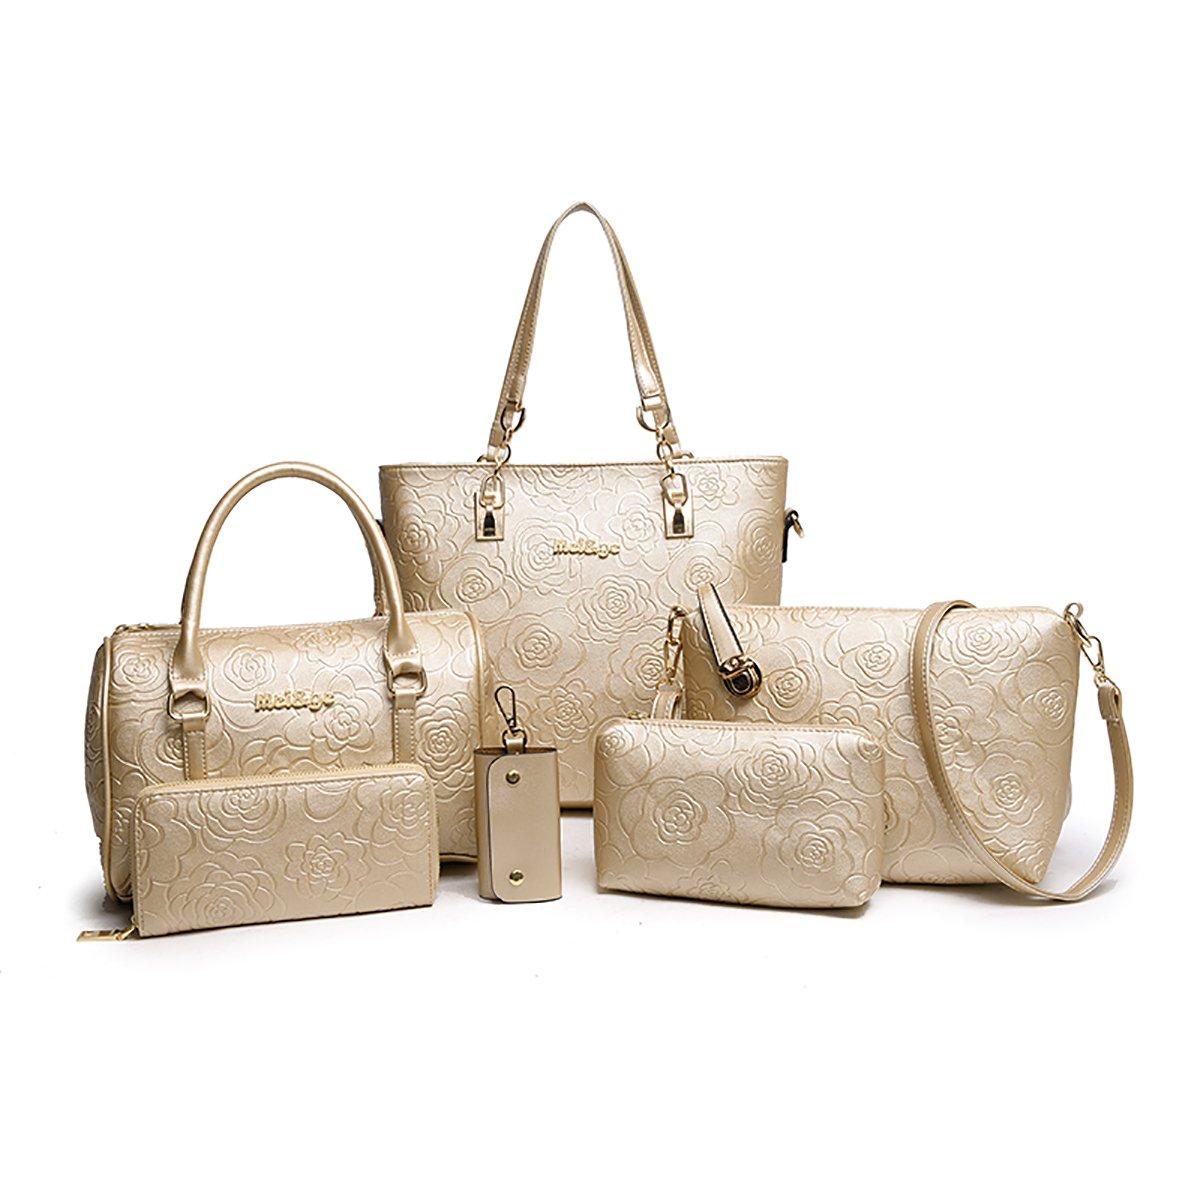 Tisdaini Sac à main en main à la main pour femme Sac à main 6 pièces + sac à bandoulière + sac messager + portefeuille KA-KUK20705